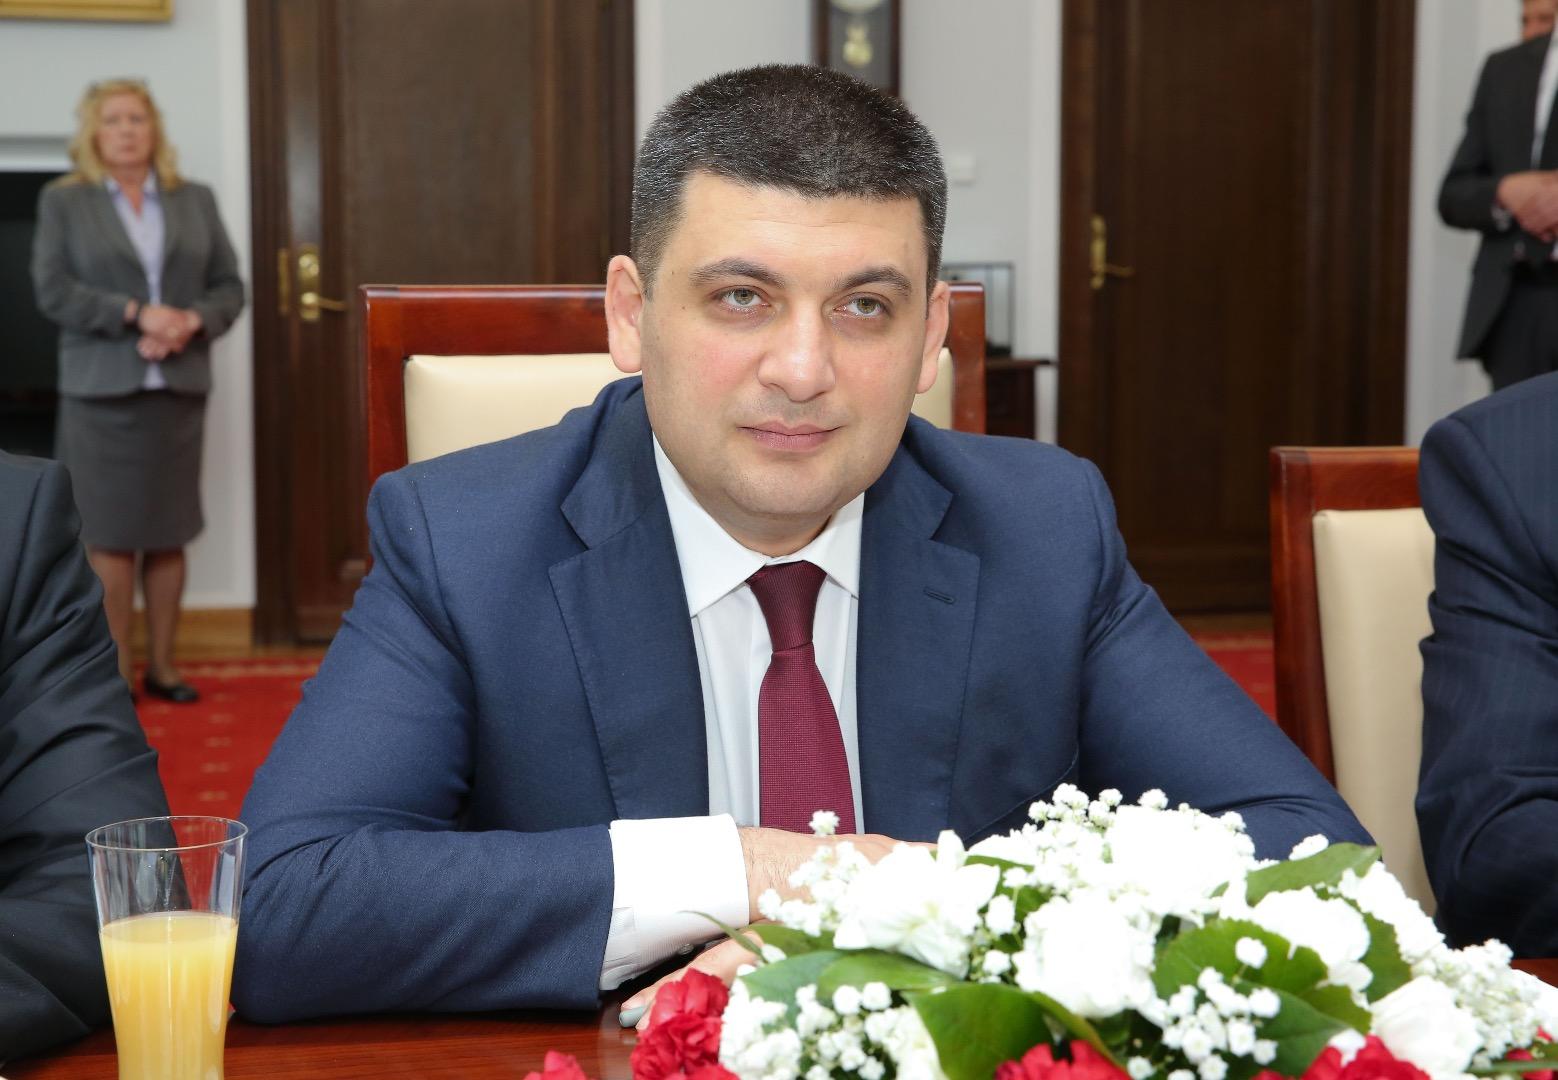 Земан вПАСЕ легитимизировал агрессиюРФ против Украины,— Сенат Чехии